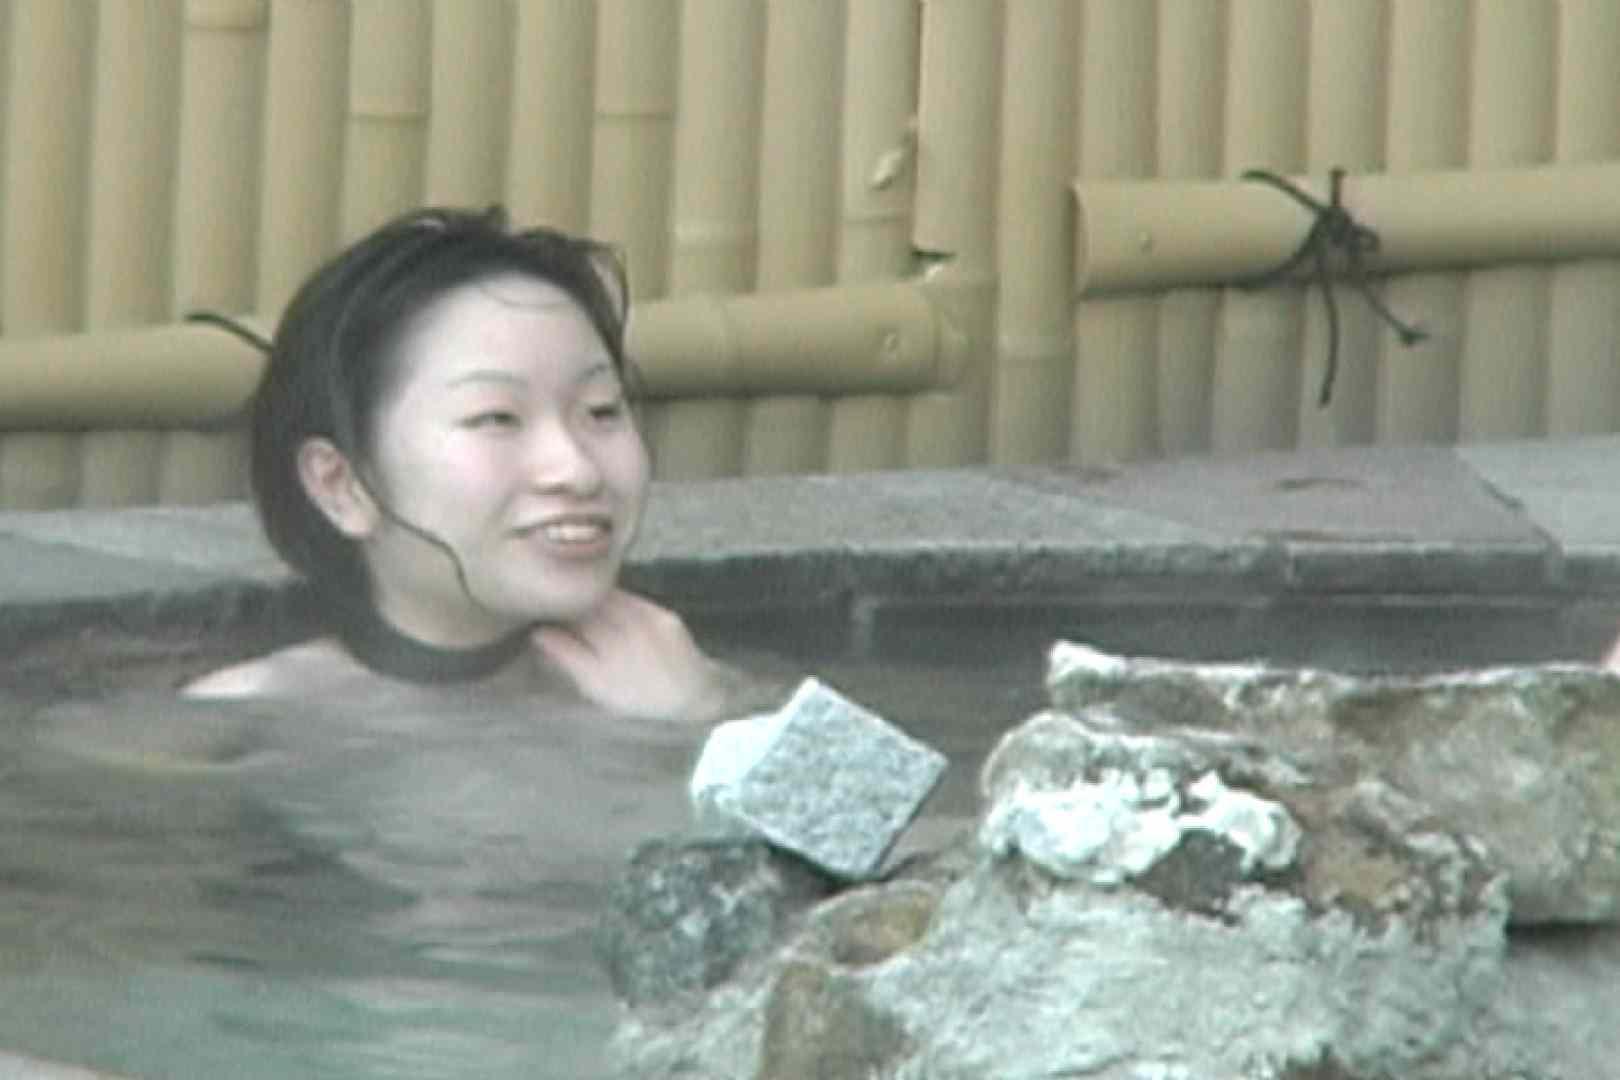 Aquaな露天風呂Vol.595 盗撮 | 露天  89画像 79